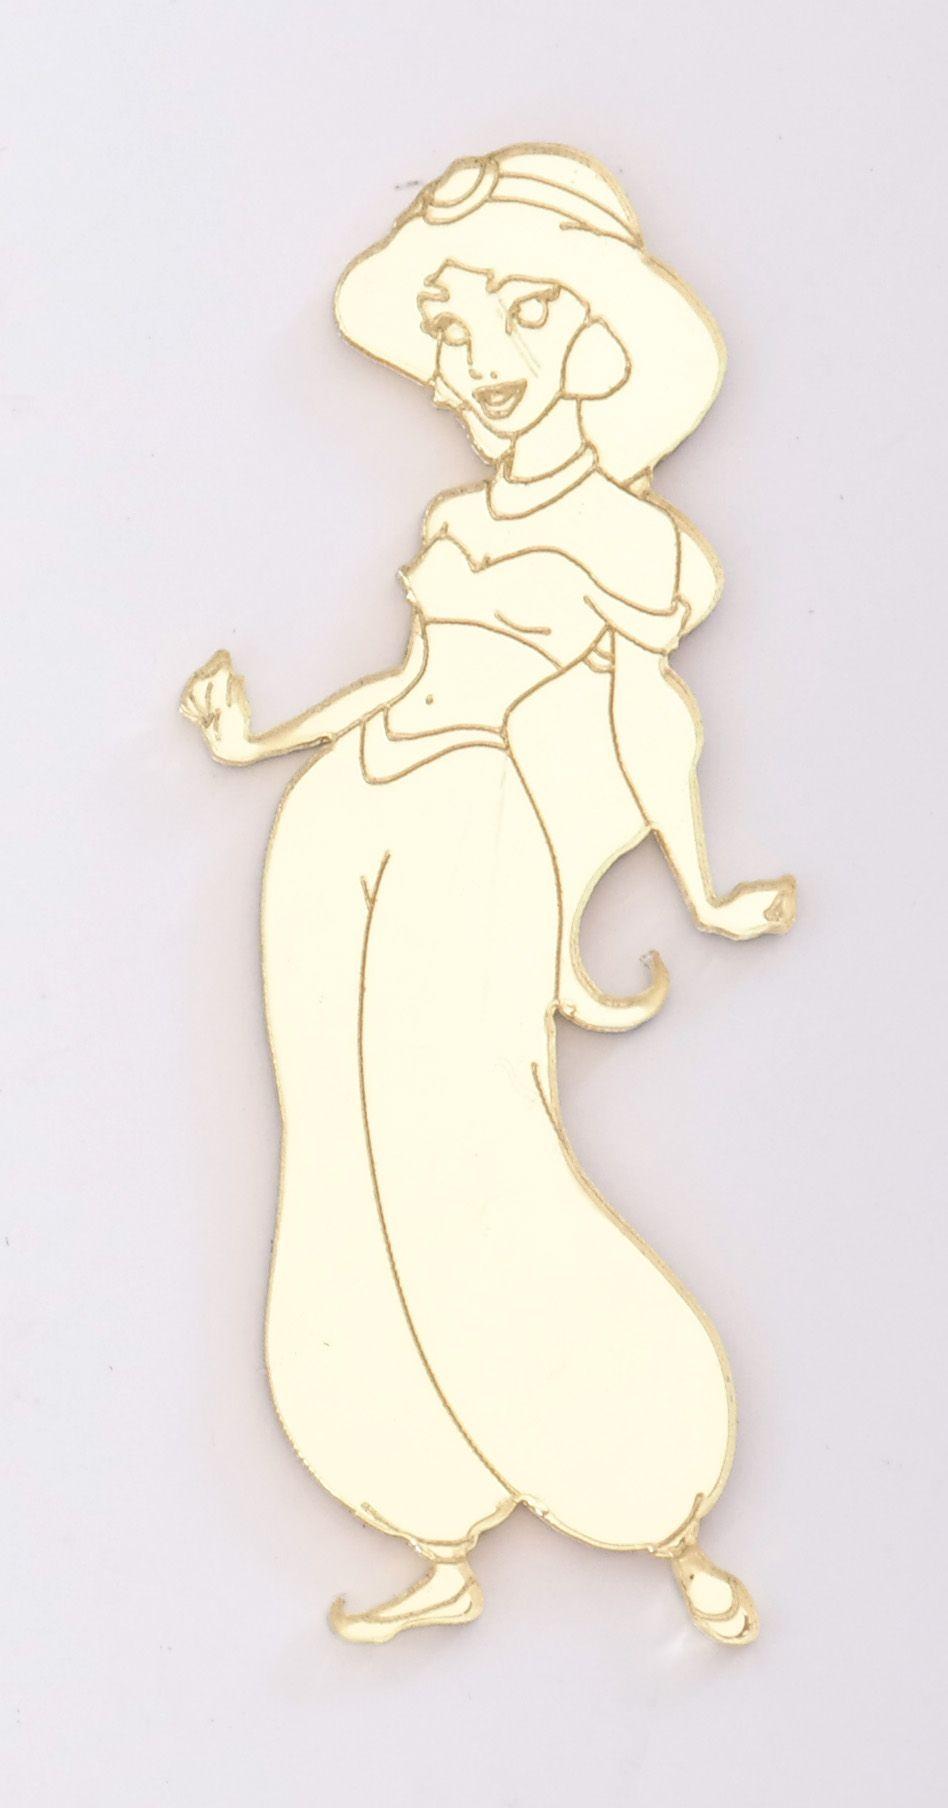 Aplique em acrílico espelhado - Princesa Jasmine - 7cm - 10 peças